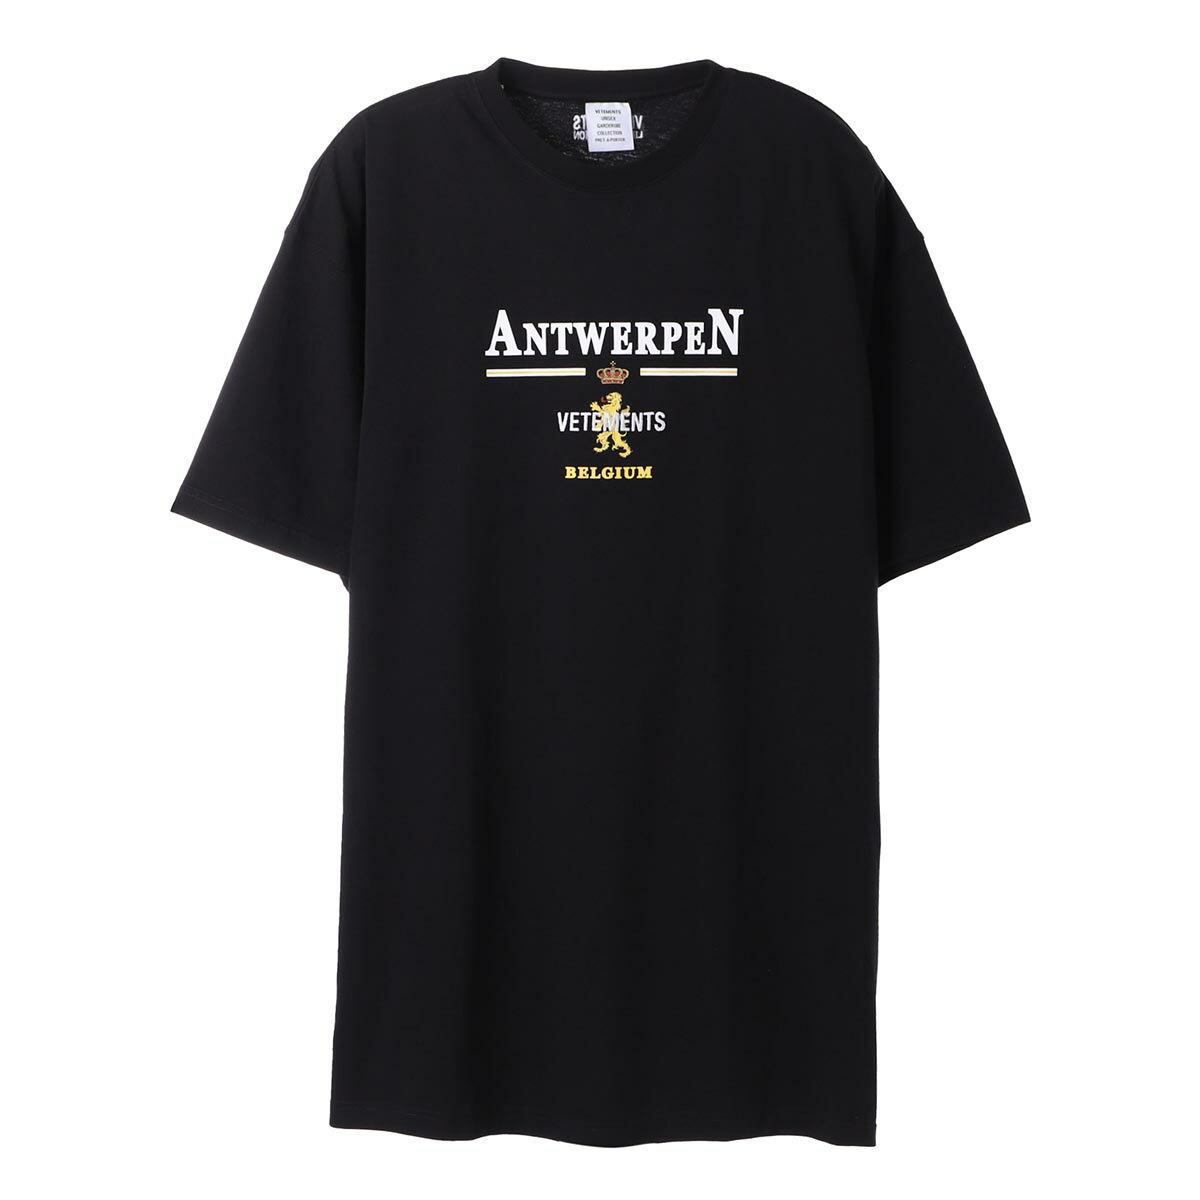 トップス, Tシャツ・カットソー  VETEMENTS T ue51tr430b black ANTWERP LOGO T-SHIRT